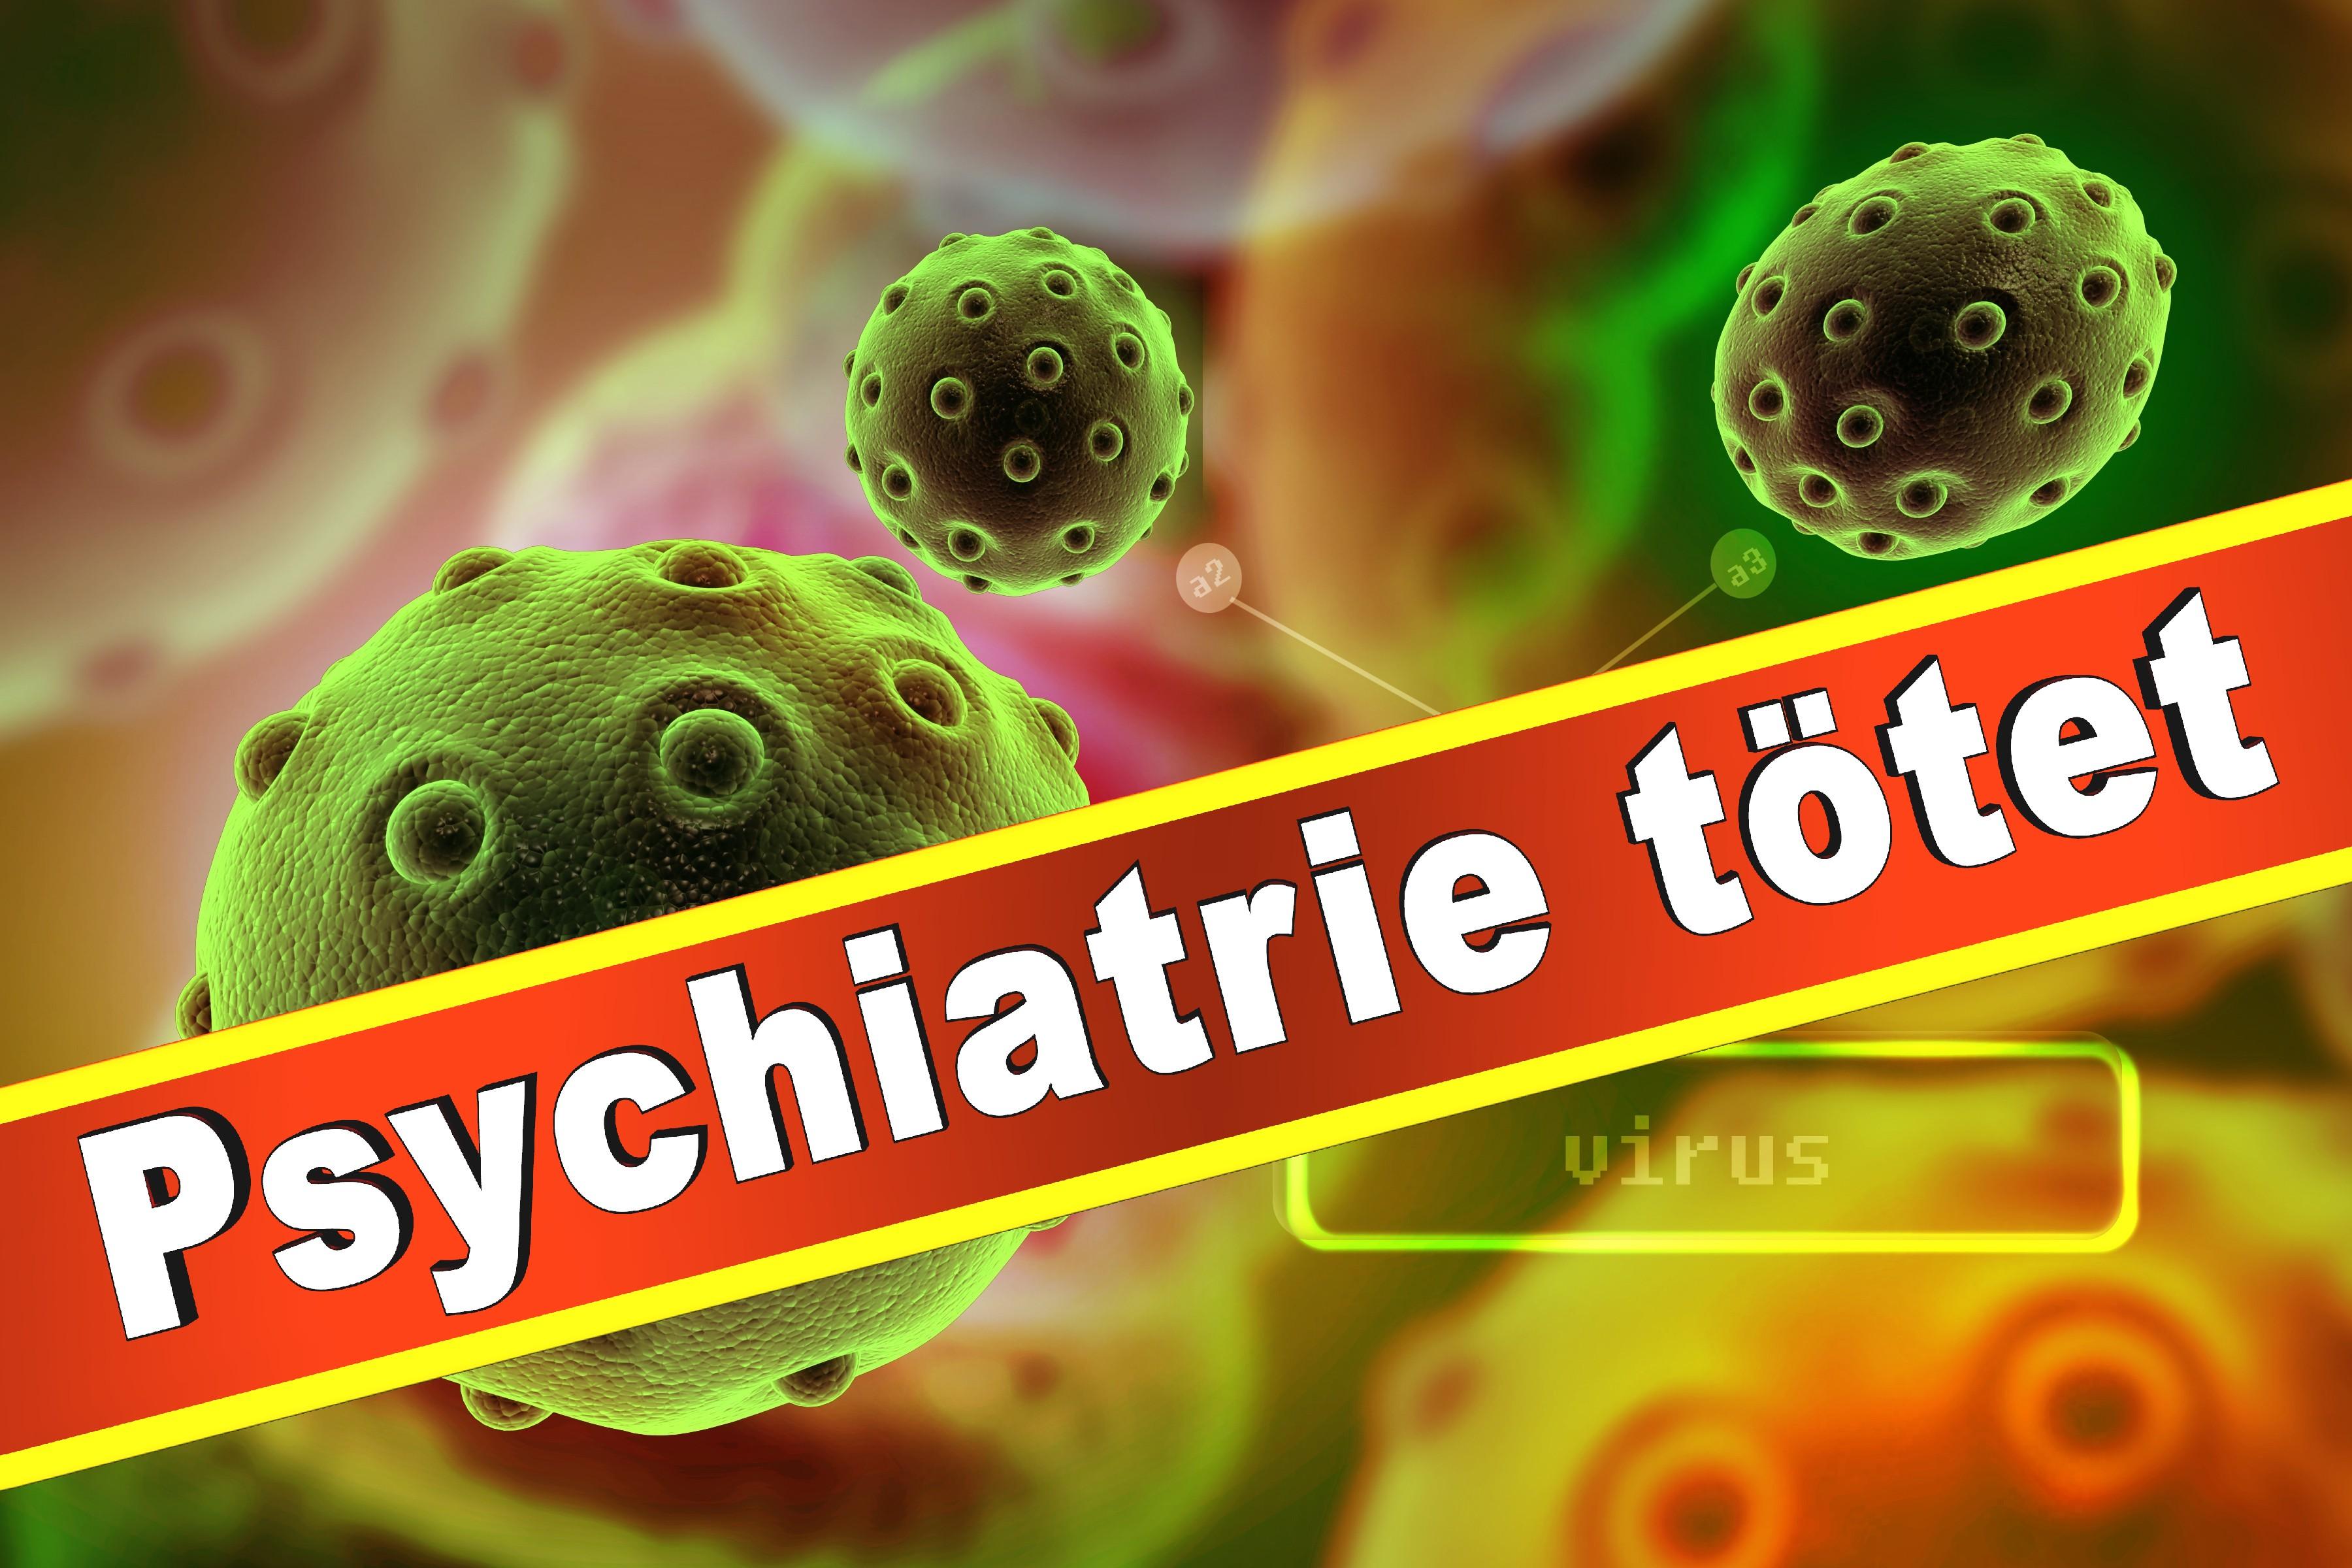 Carl Ernst Von Schönfeld Tagesklinik Medikamente Psychiatrie Tod Bethel Psychiater Korruption Gift Zwangspsychiatrie Unterbringung Friedhof Adolf Hitler Euthanasie (8)